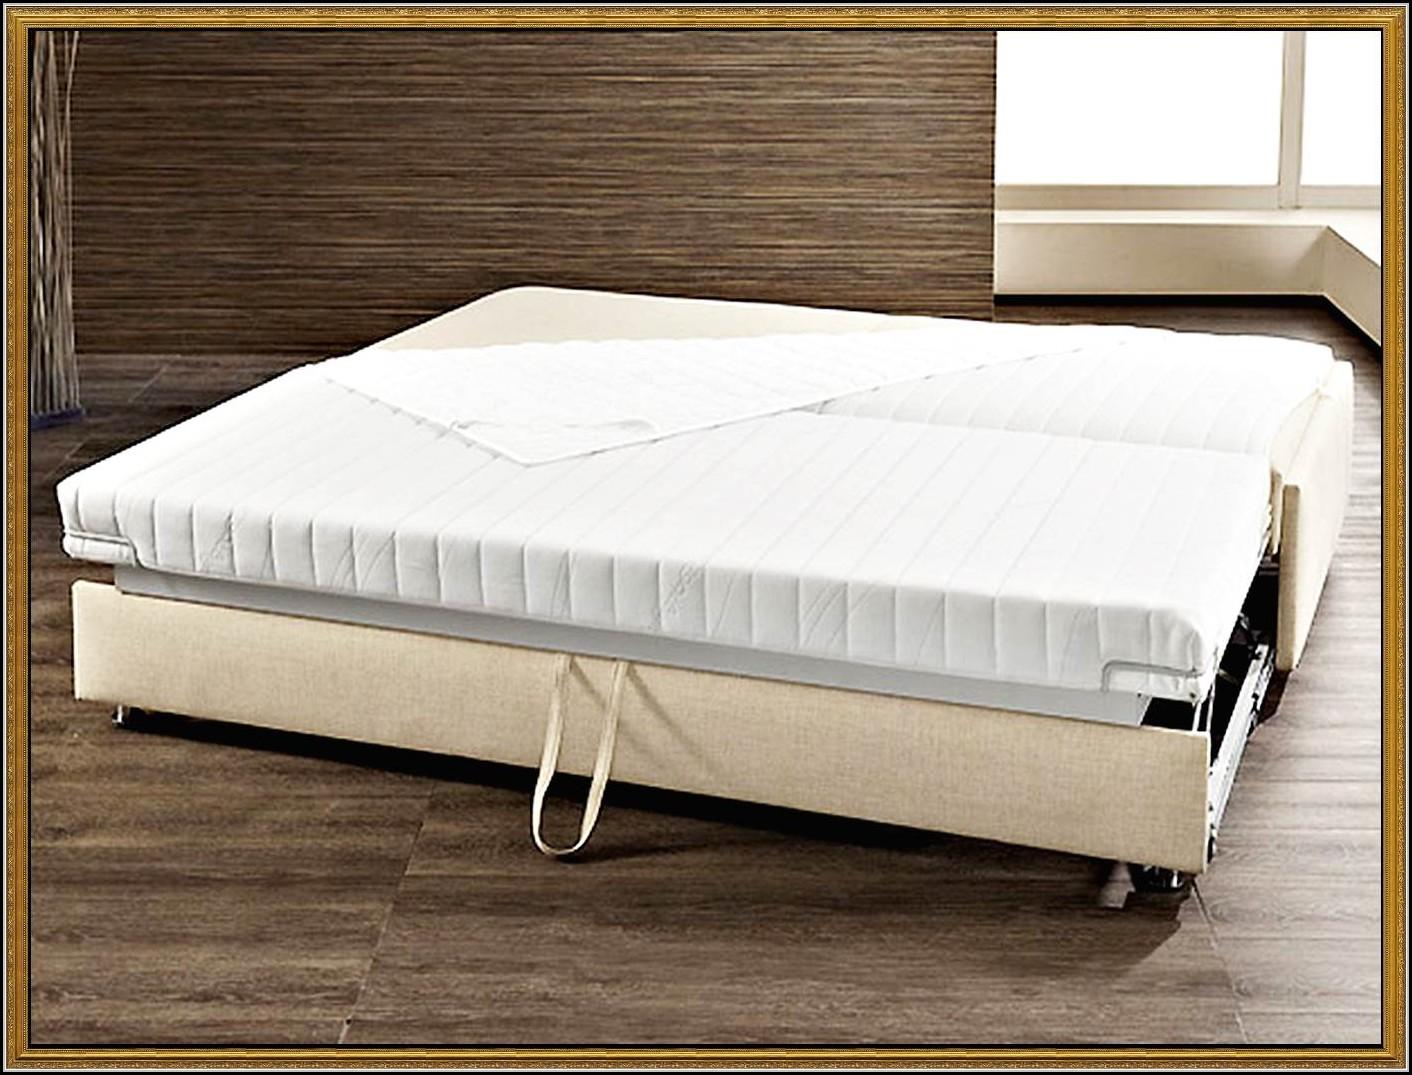 bett als sofa nutzen betten house und dekor galerie x3ryg2lwbp. Black Bedroom Furniture Sets. Home Design Ideas